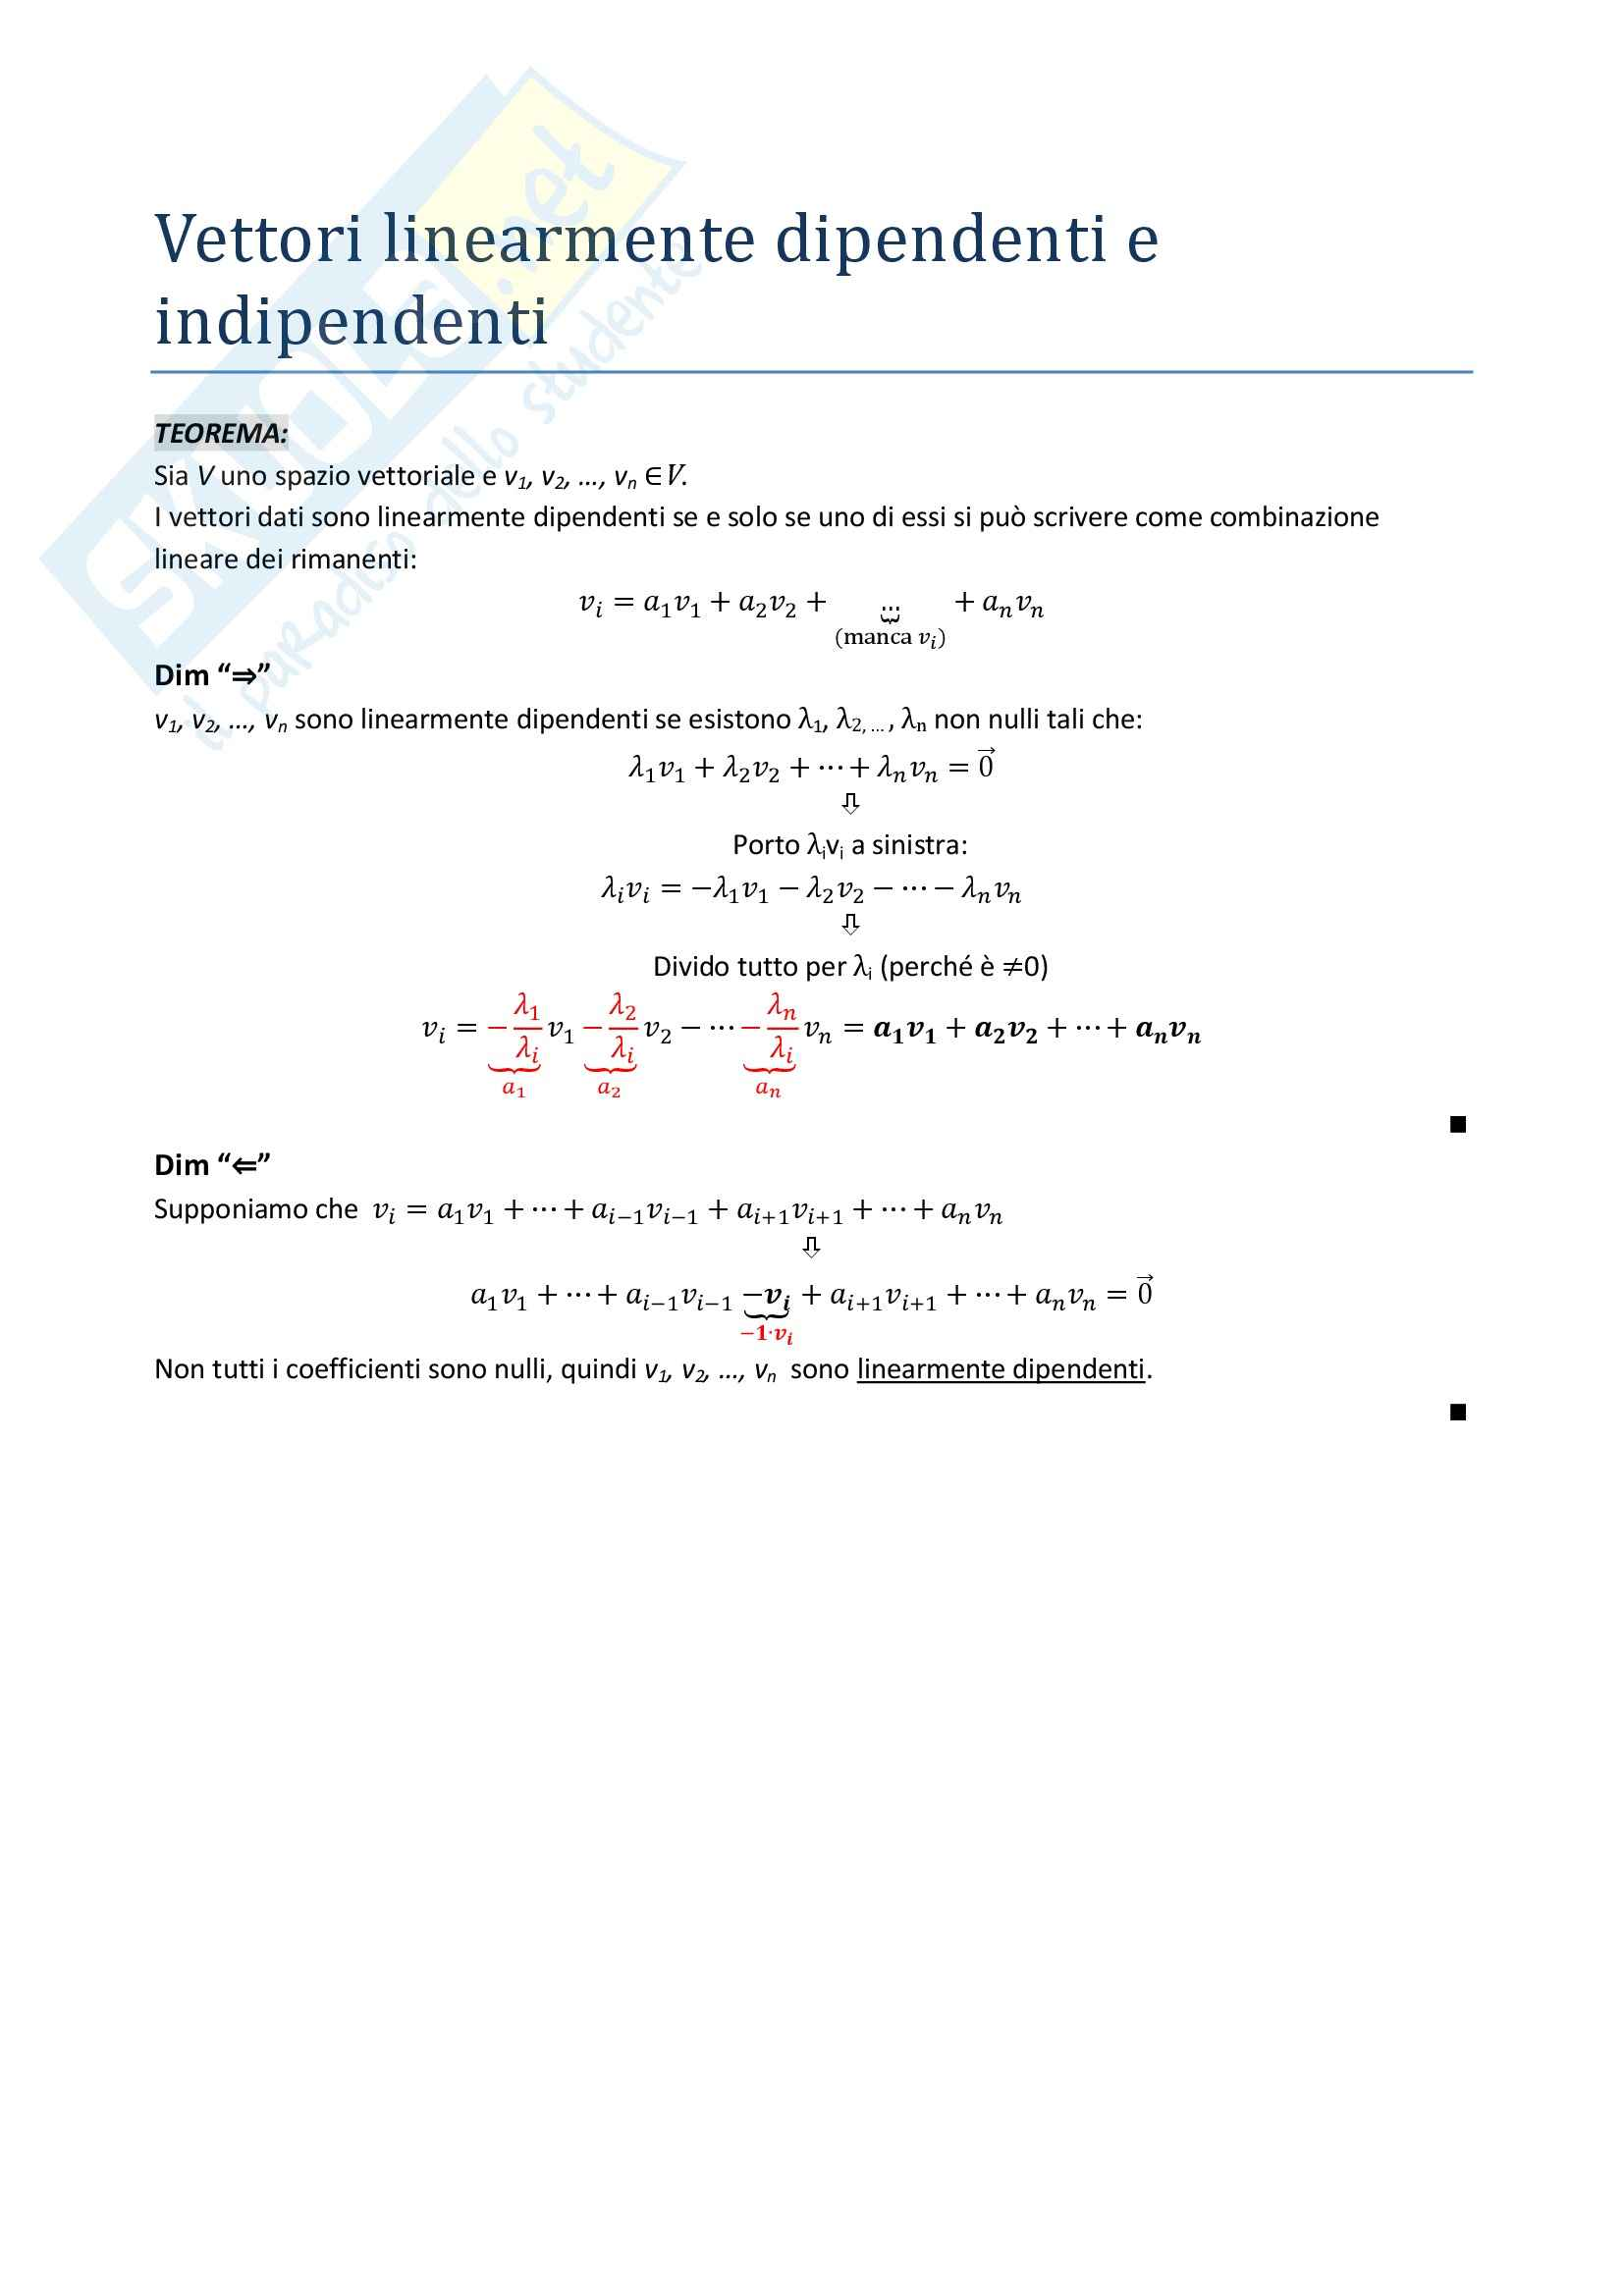 Algebra lineare e geometria - il teorema vettori linearmente dipendenti